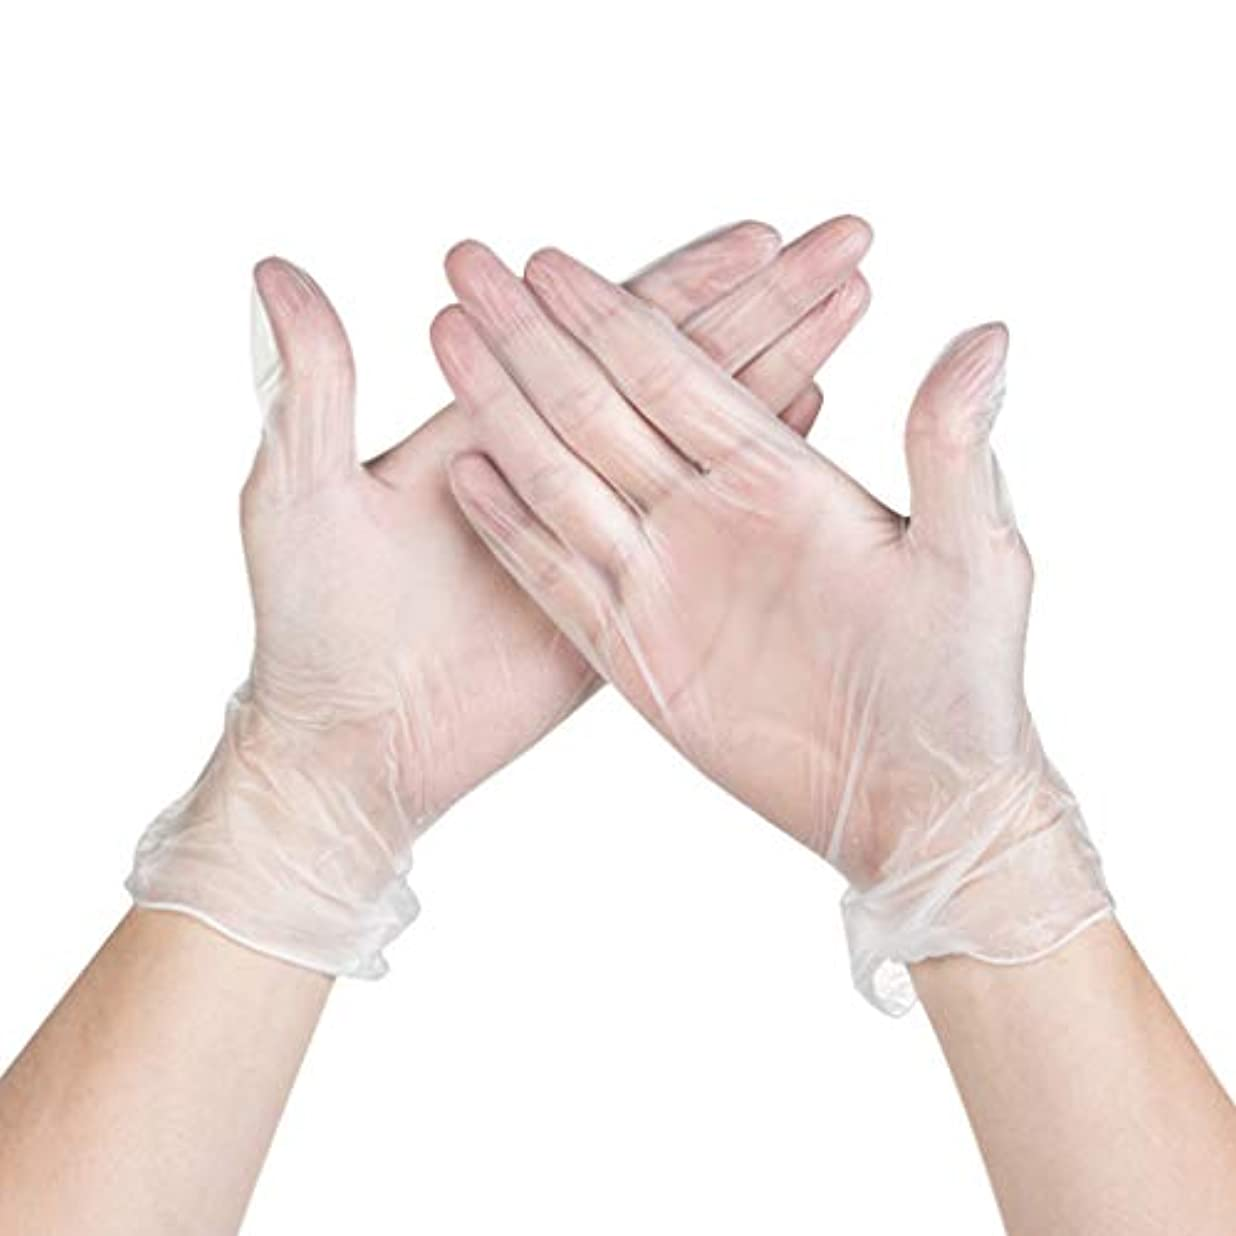 ボーダー不規則な戸惑うパウダーフリーの使い捨て医療検査食品電子修理ホーム透明PVC使い捨て手袋箱入り YANW (色 : トランスペアレント, サイズ さいず : M m)